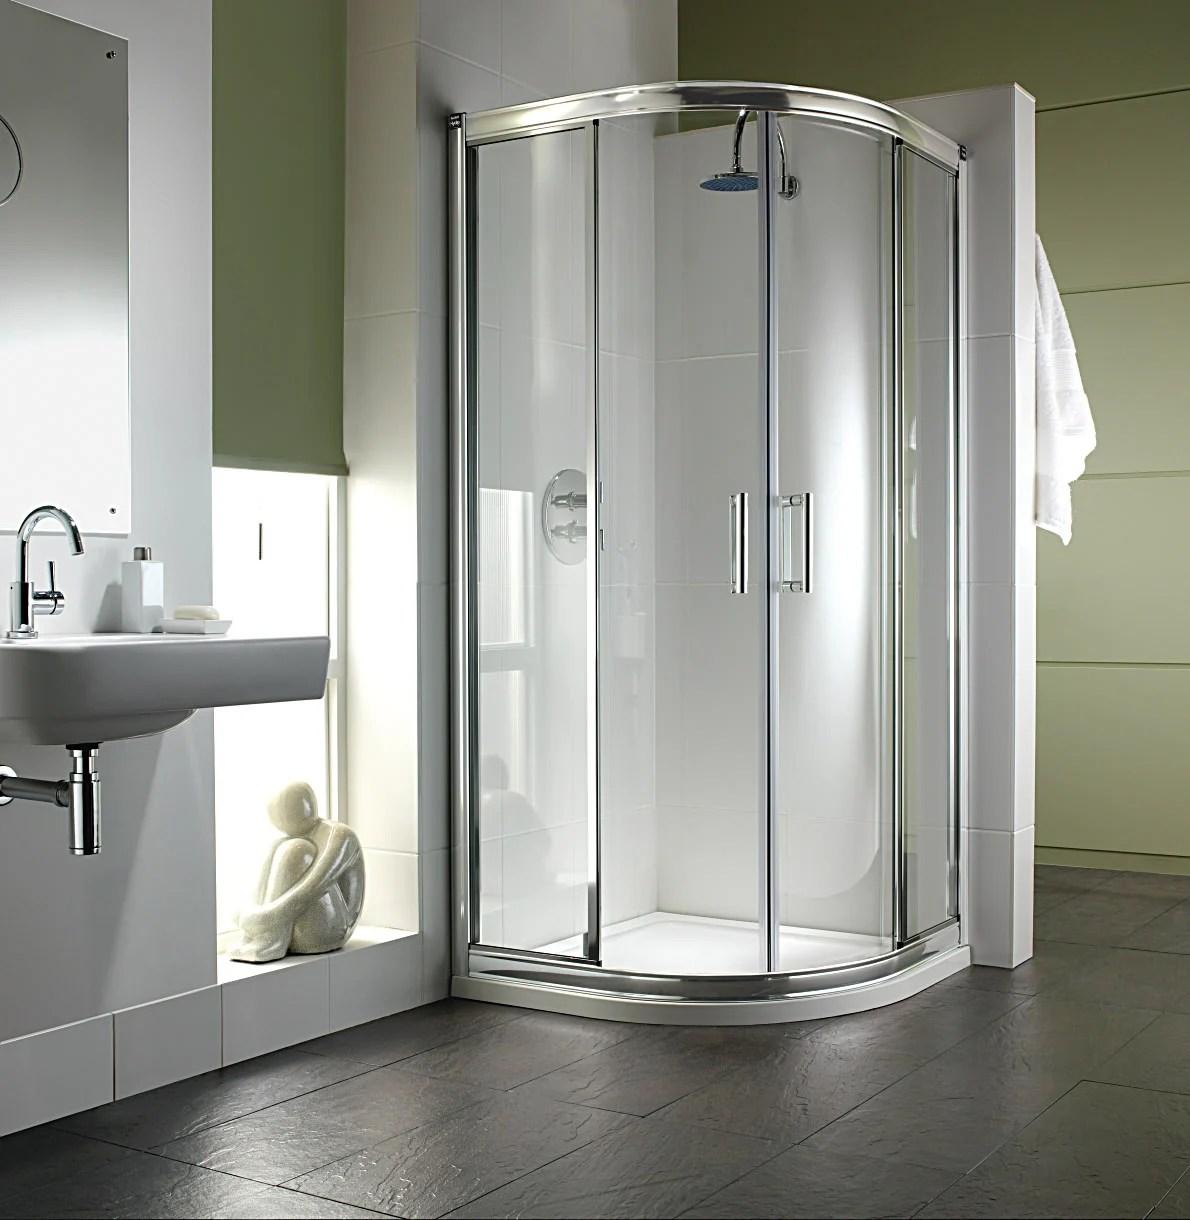 Twyford Hydr8 Quadrant Shower Enclosure 1000 x 1000mm